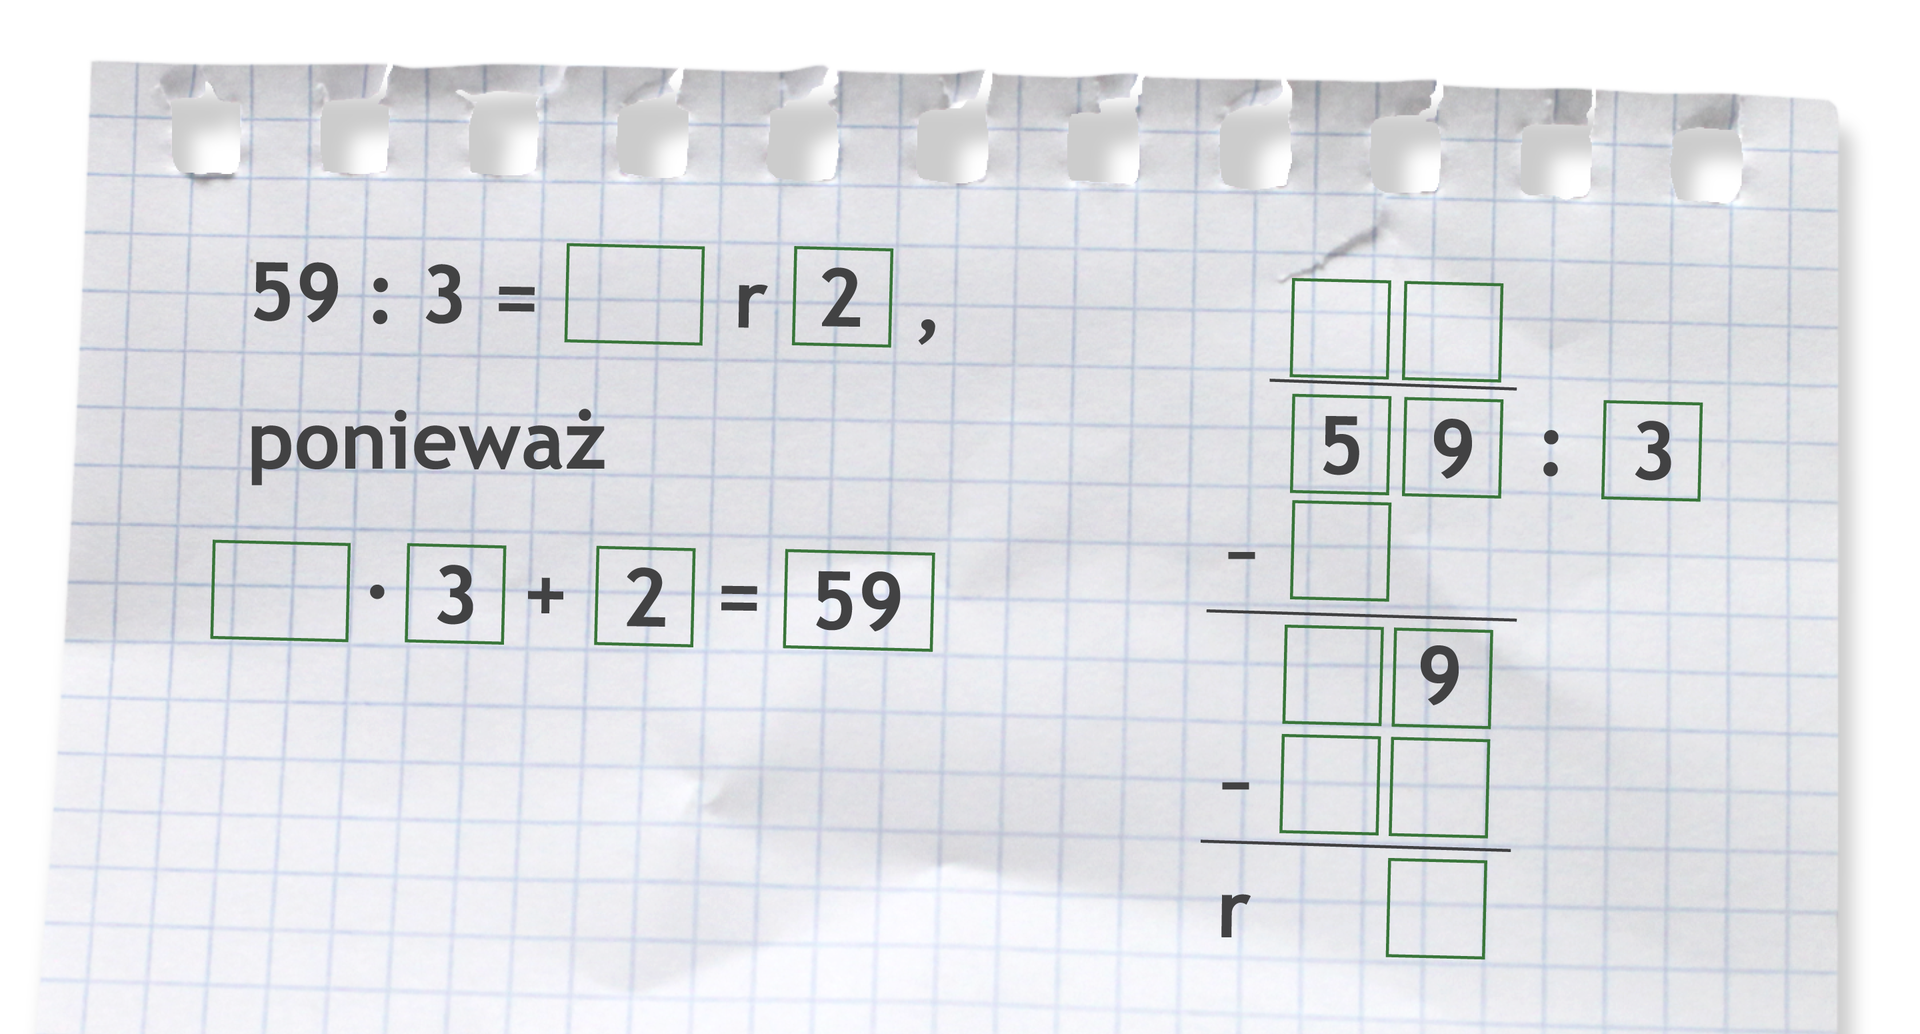 Miejsce do wykonania dzielenia: 59 dzielone przez 3.